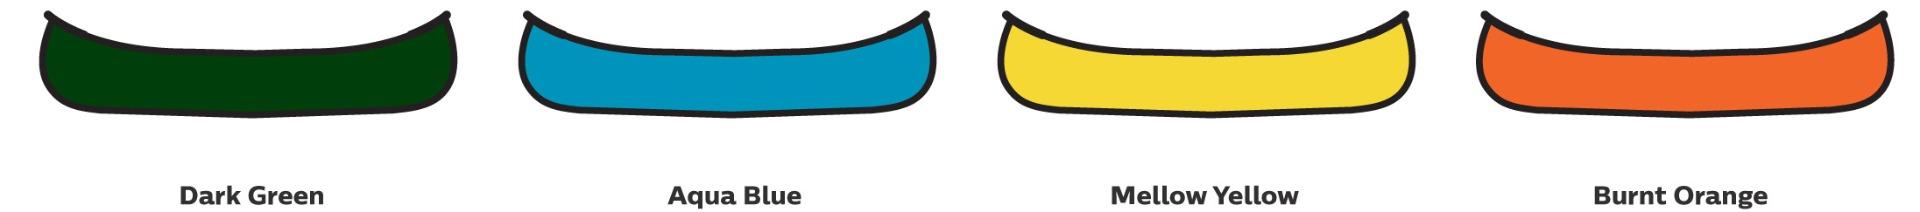 Venture Canoes Colour Chart